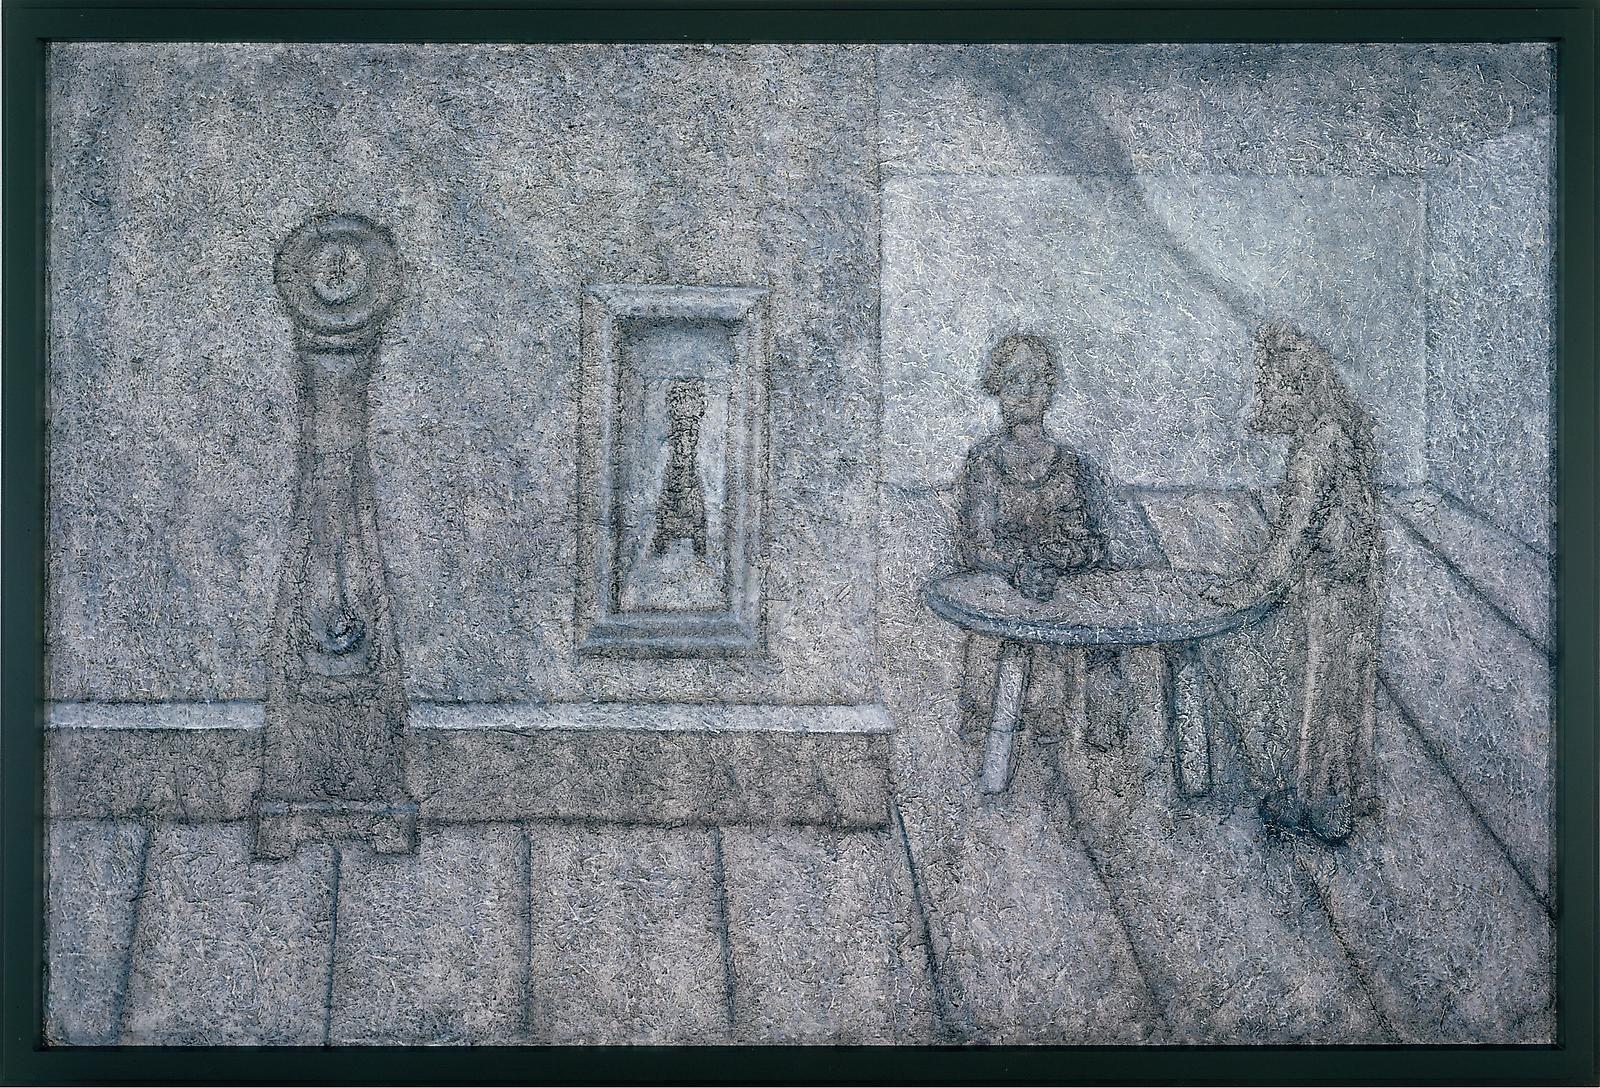 Richard Artschwager,